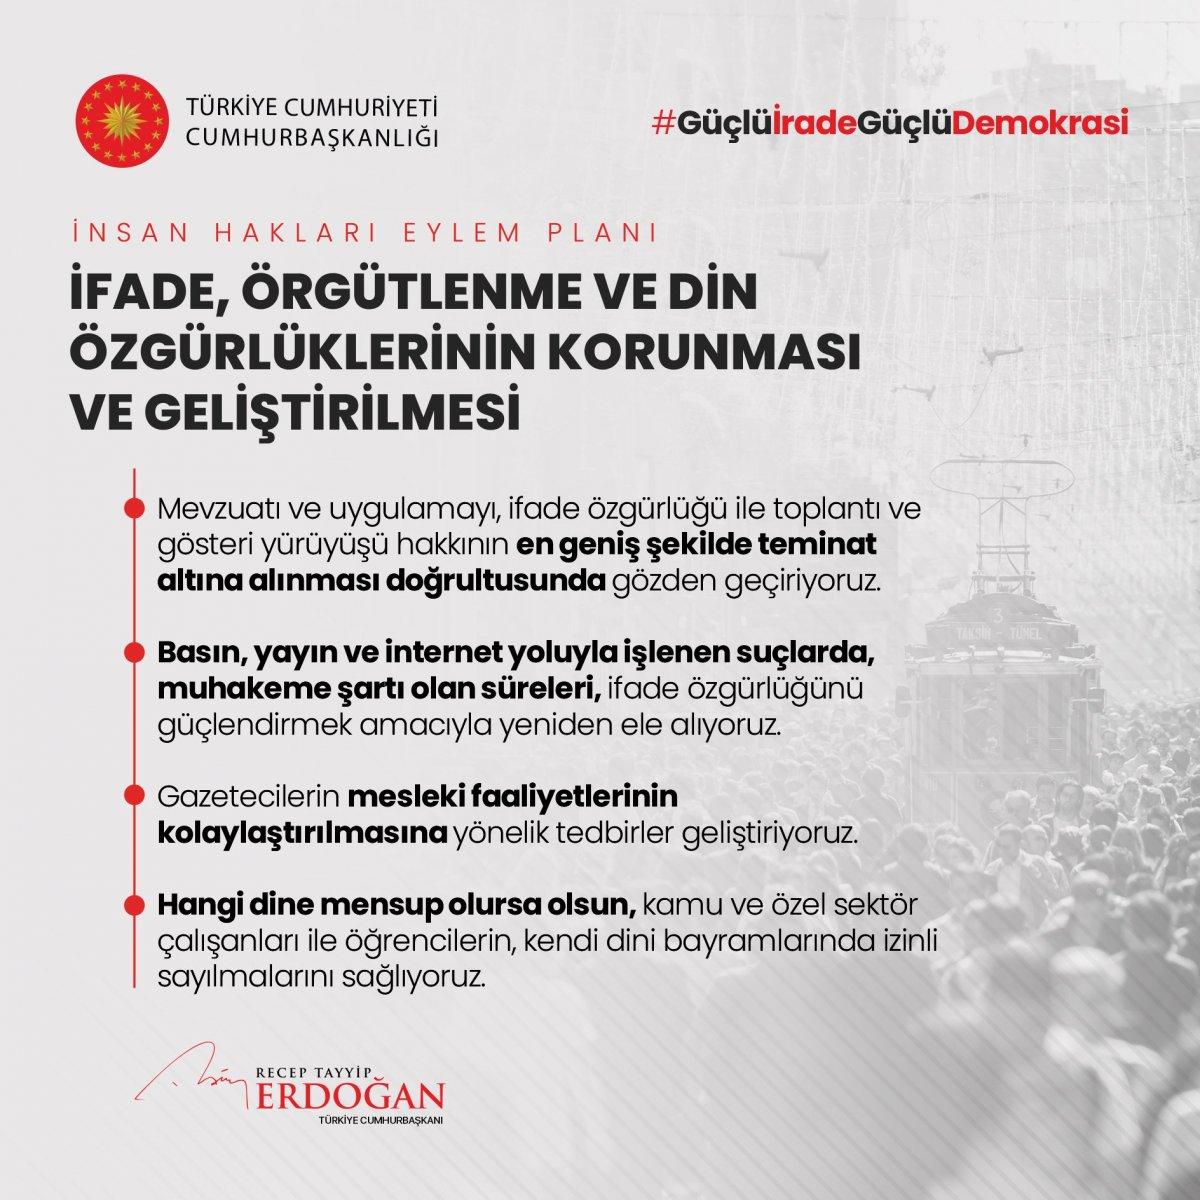 Erdoğan, İnsan Hakları Eylem Planı'nın 11 ilkesini açıkladı #4